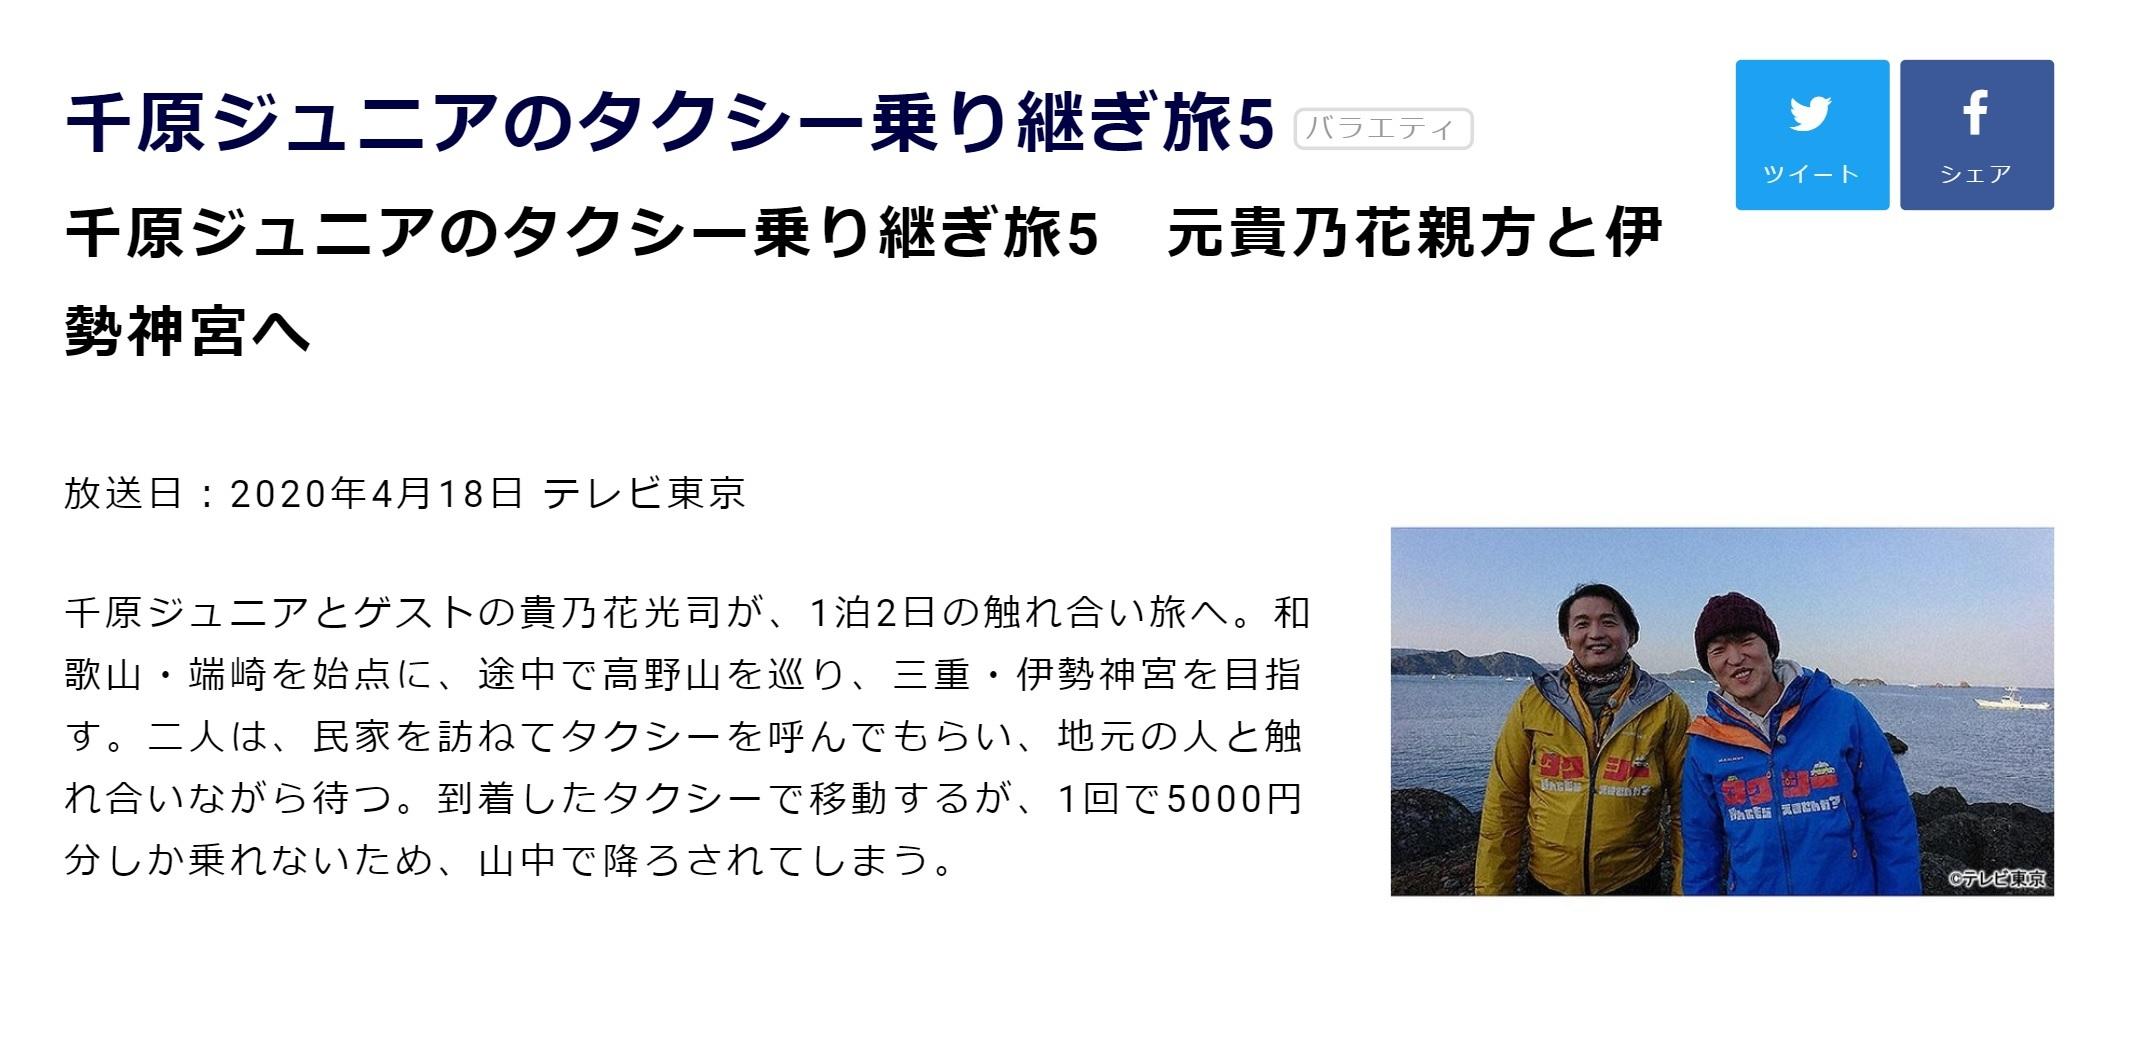 【告知】「千原ジュニアのタクシー乗り継ぎ旅5」に当館がTV出演します!!_e0154524_15473063.jpg